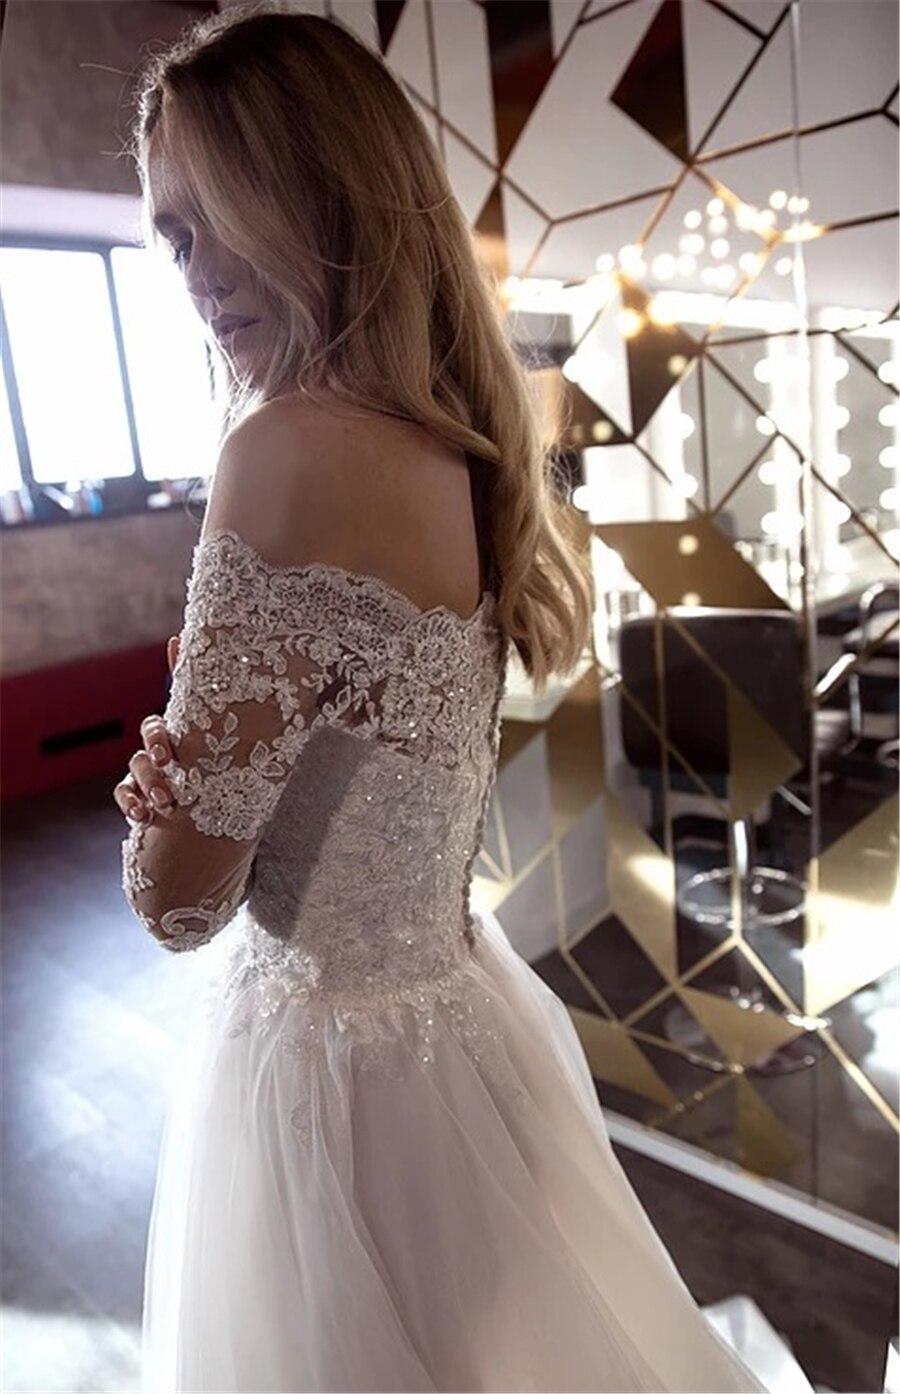 Al largo della Spalla Maniche Lunghe Cristalli di Applique Abito Da Sposa A-Line abiti da sposa sencillos con il Tasto Abito Da Sposa